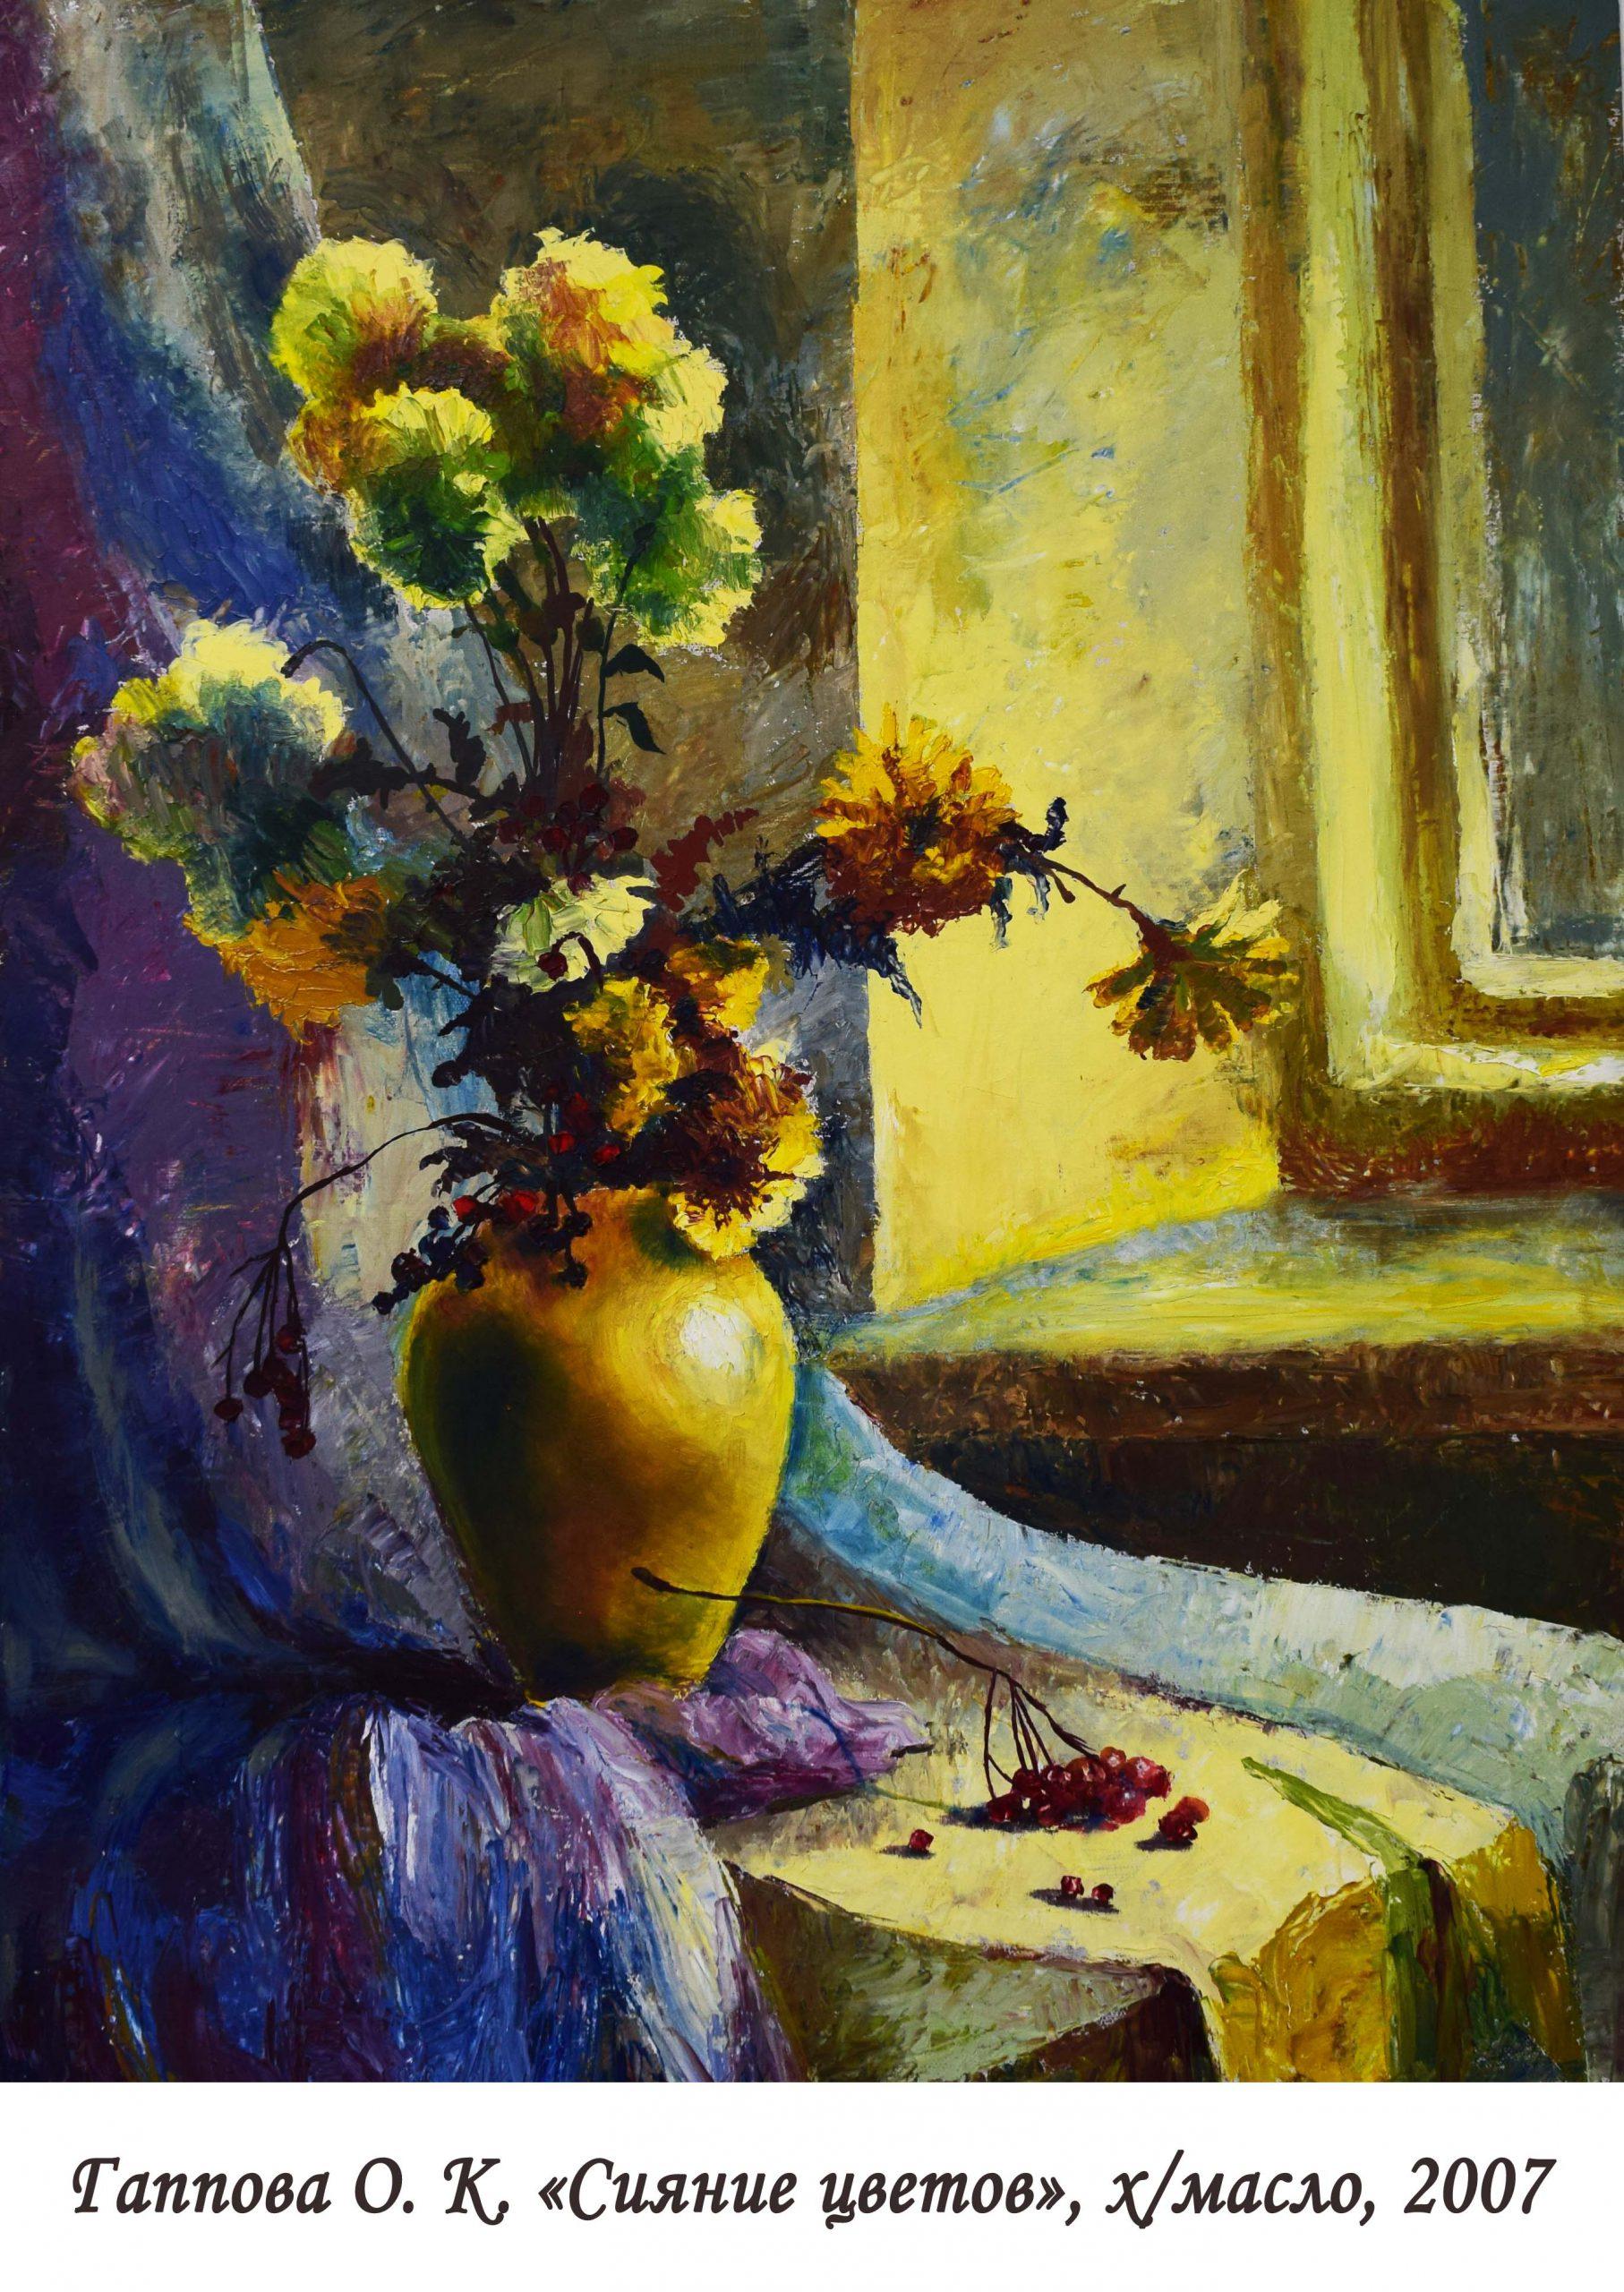 Гаппова О. К. Сияние цветов х-масло 2007